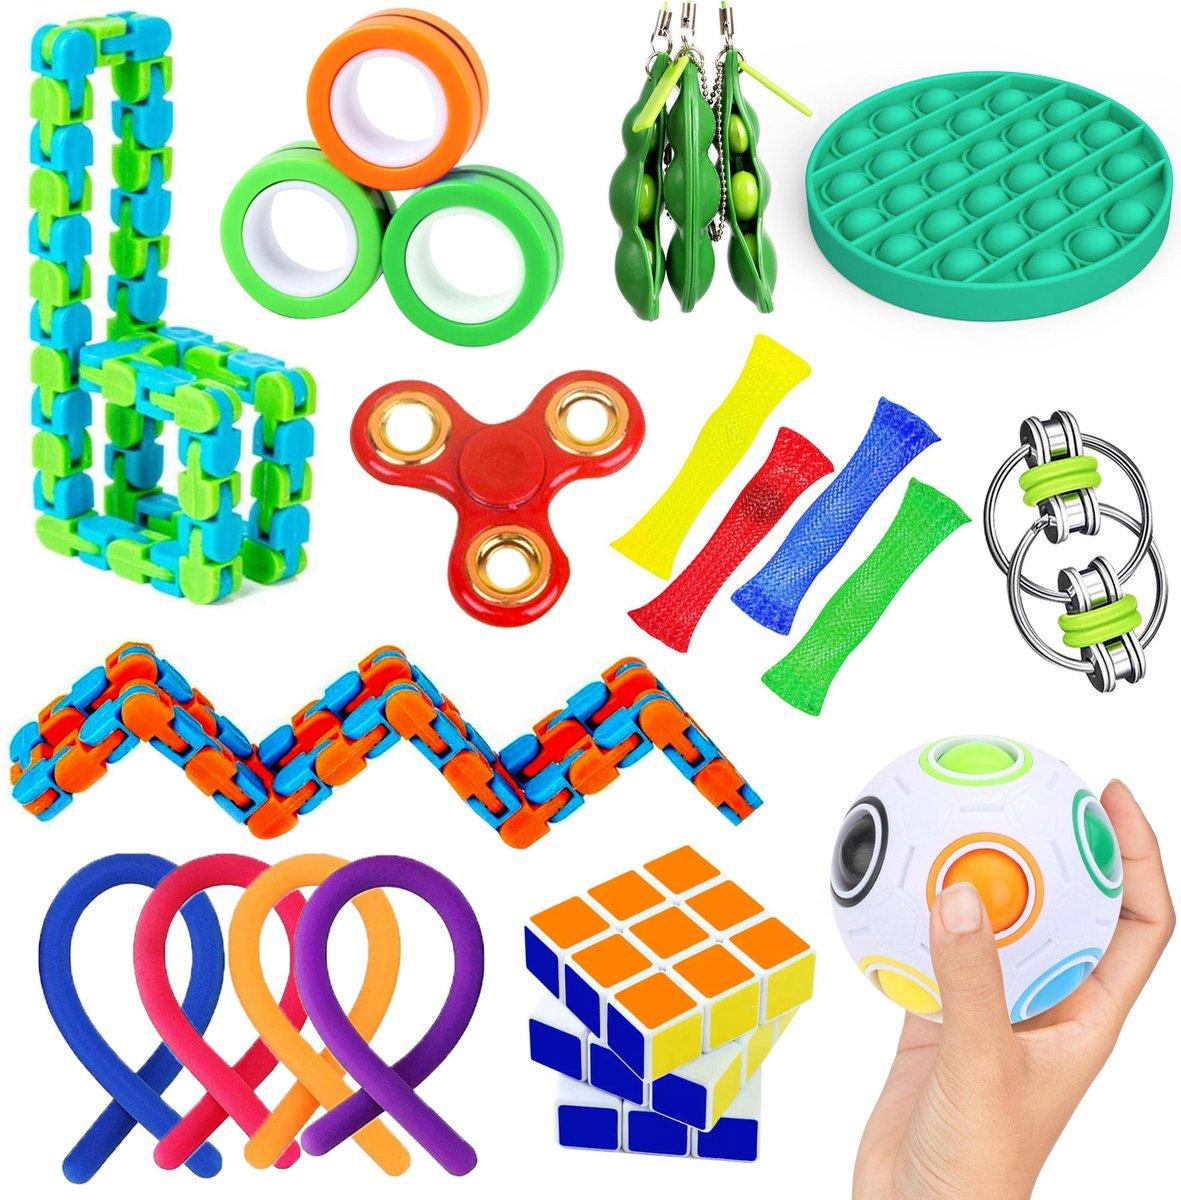 Fidget Toys Pakket Van TikTok 20 Stuks Inclusief Pop It, Magnetische Ringen, Monkey Noodles, En Meer